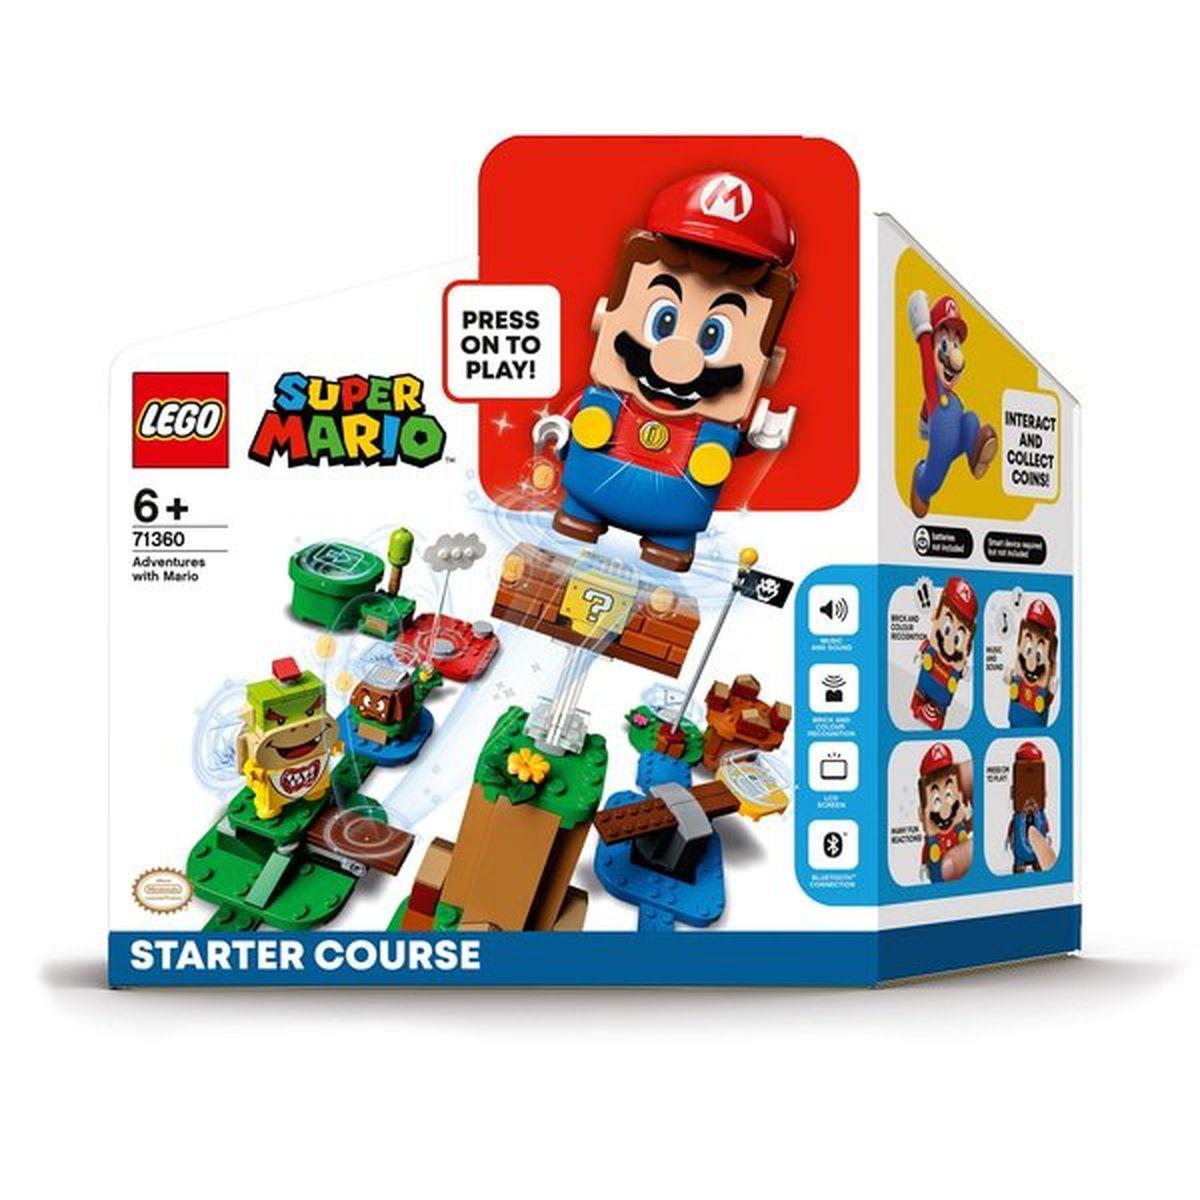 Lego Super Mario starter game